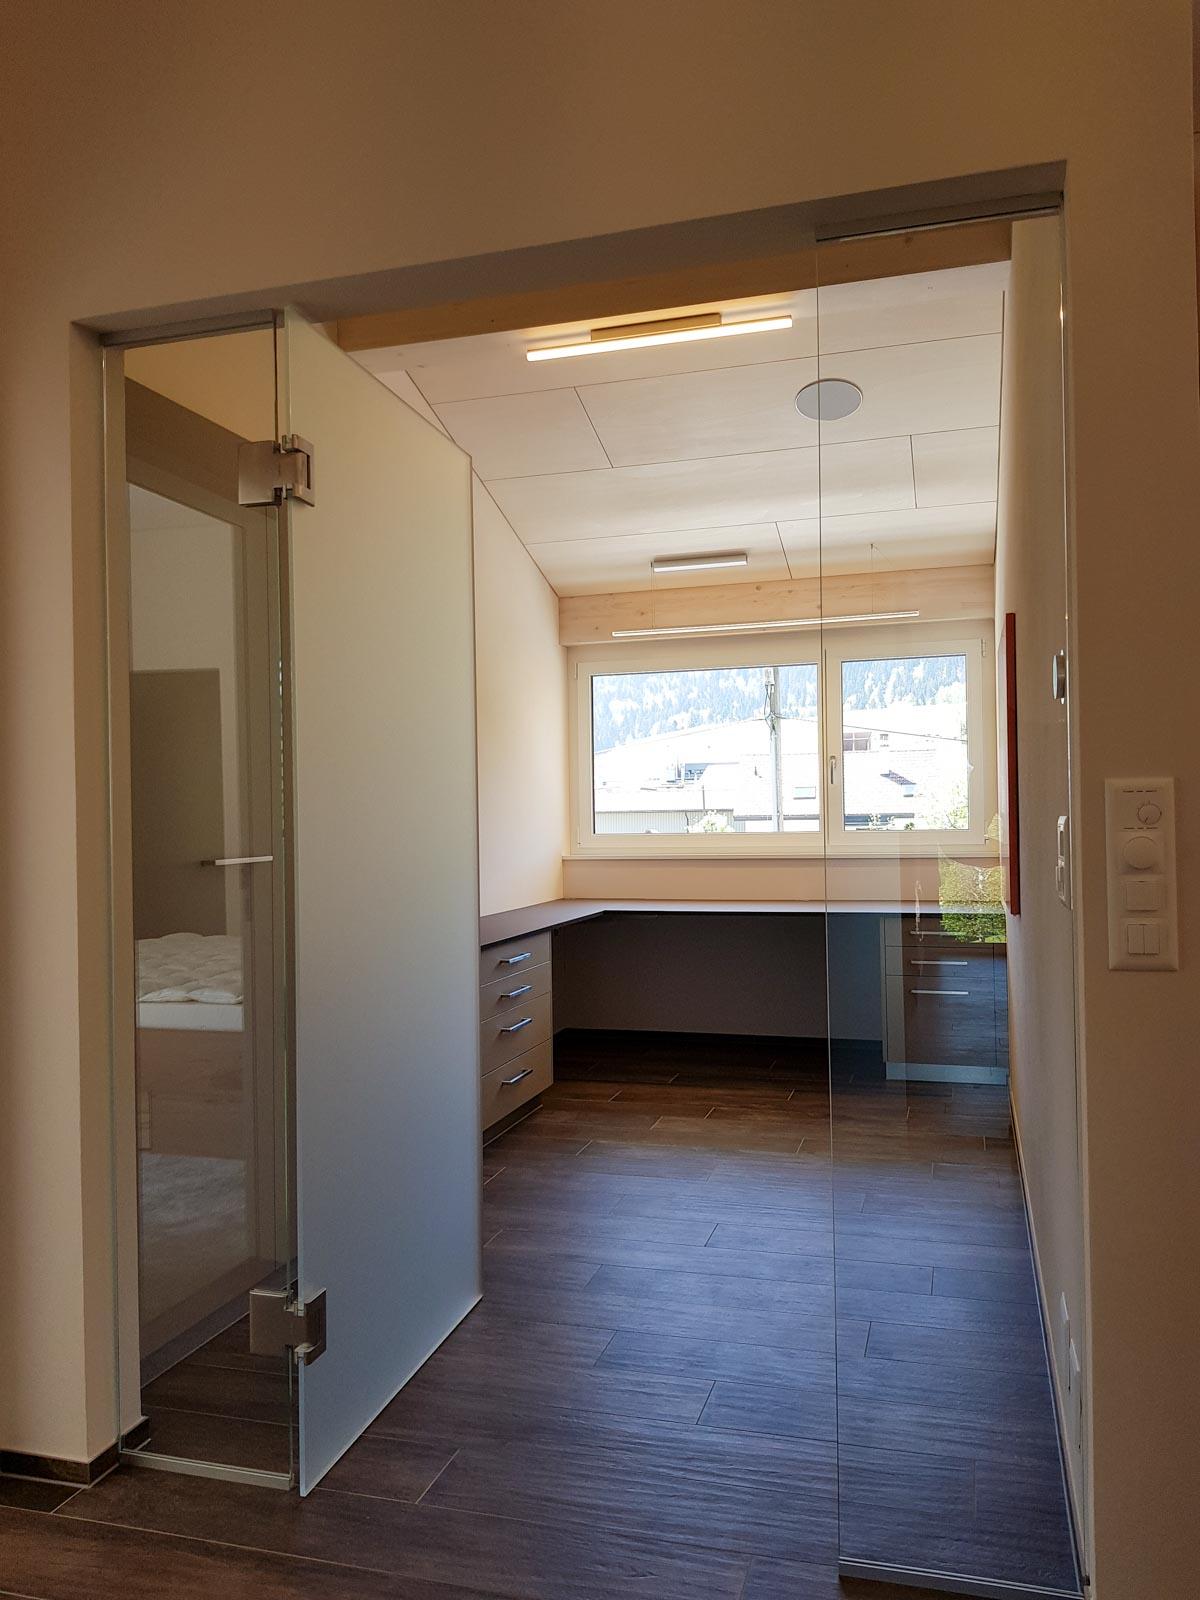 Wooddesign_Büro_Homeoffice_Schreibtisch_höhenverstellbar_Regal_Schubladen_Wandschrank_Glastüre (2)